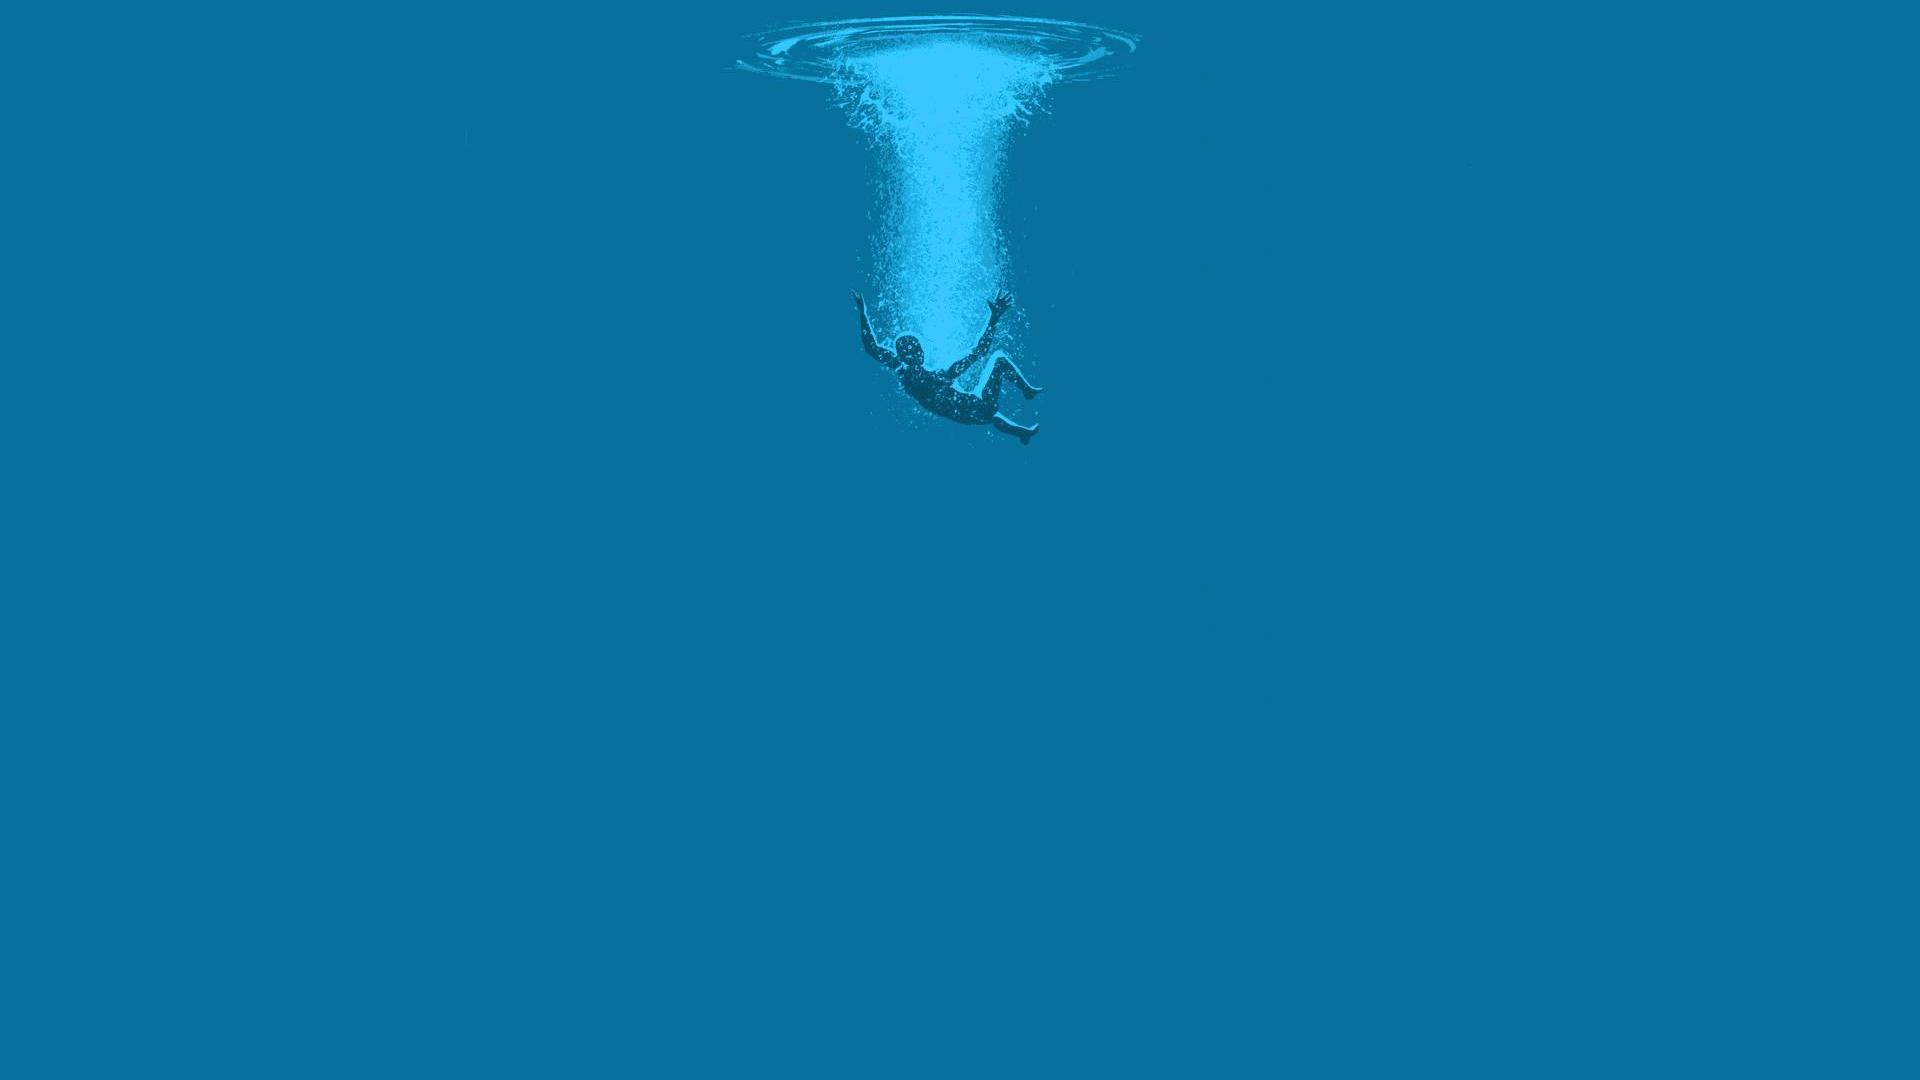 تفسير حلم السقوط في الماء والخروج منه لابن سيرين والنابلسي